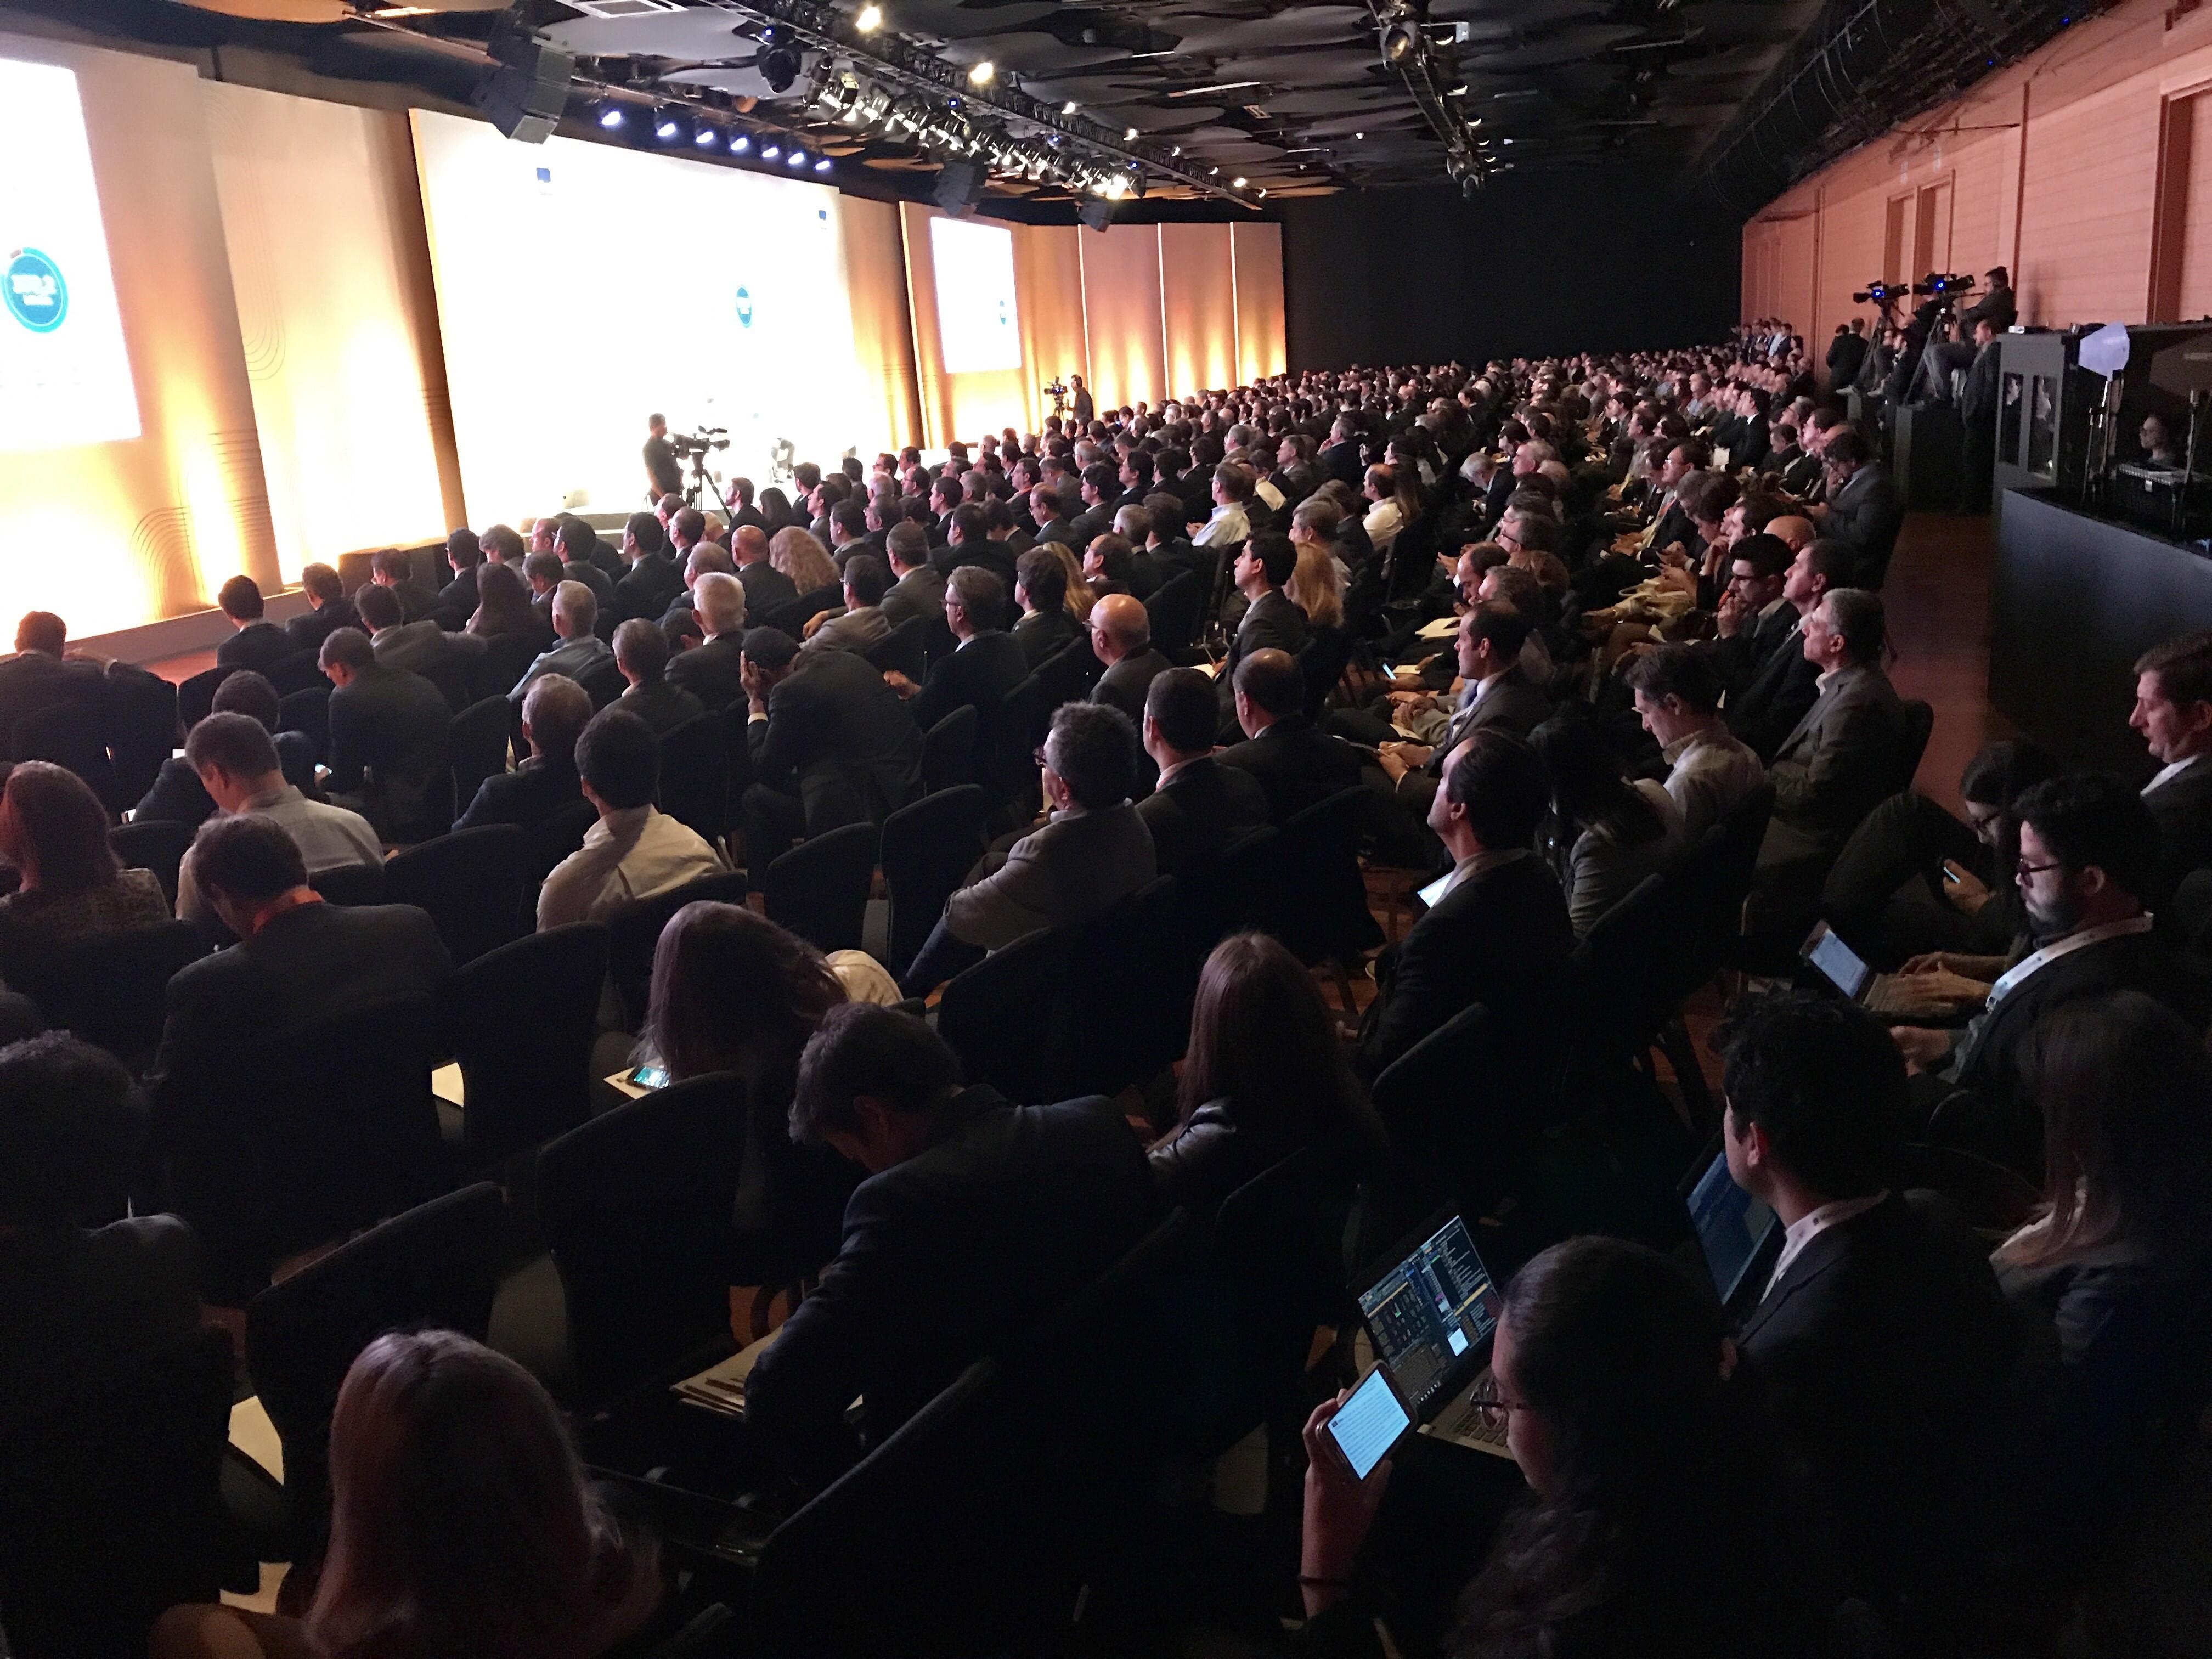 Evento com executivos em São Paulo